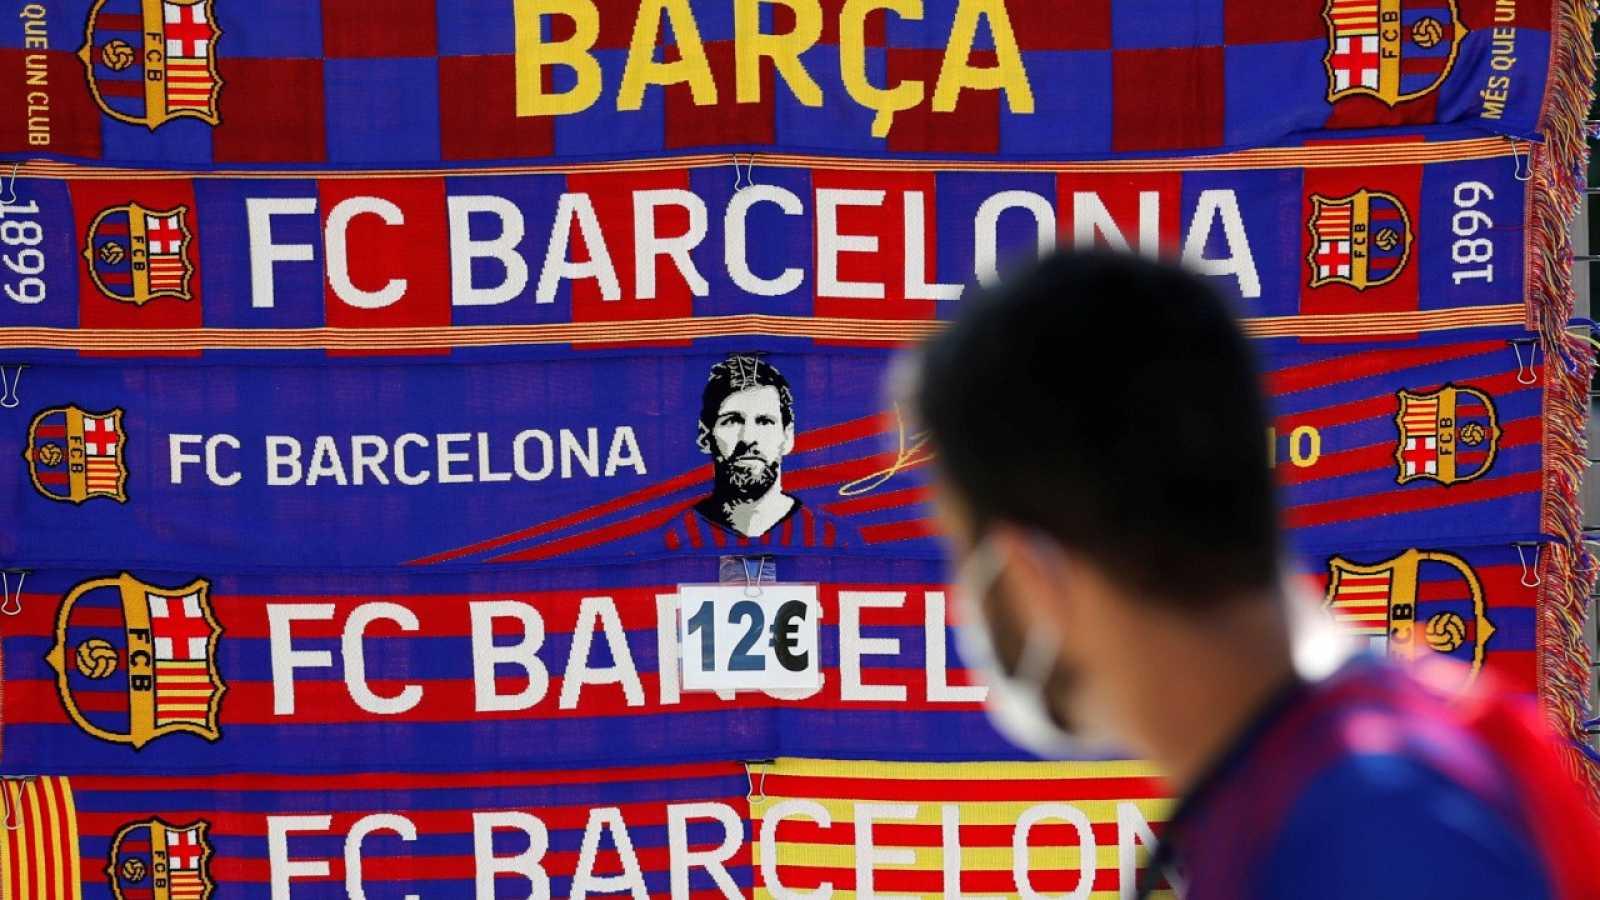 Messi y el Barça, condenados a un acuerdo para evitar una pugna judicial